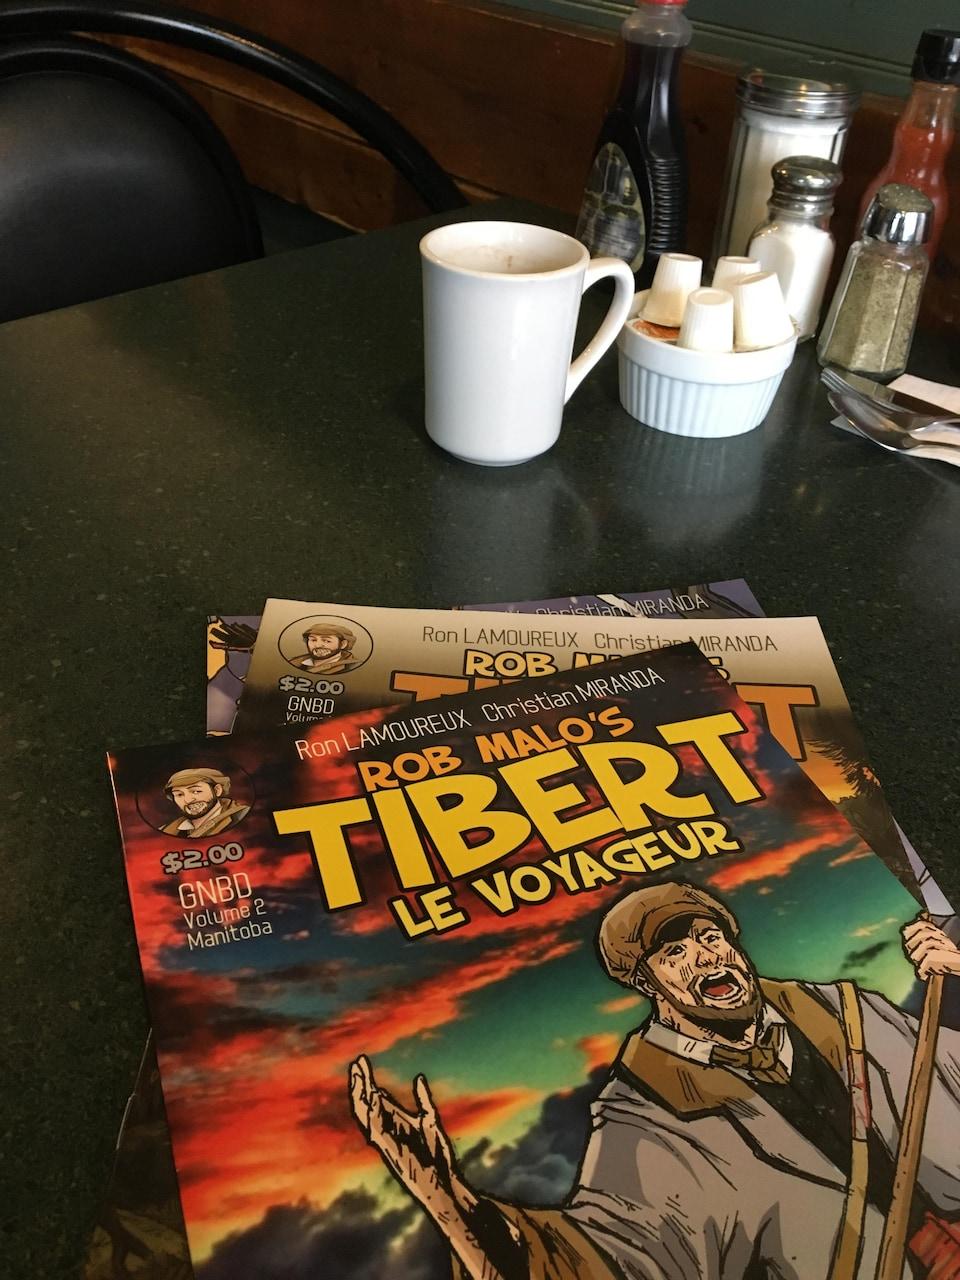 Les aventures de TiBert le Voyageur sont disponibles en bandes dessinées.